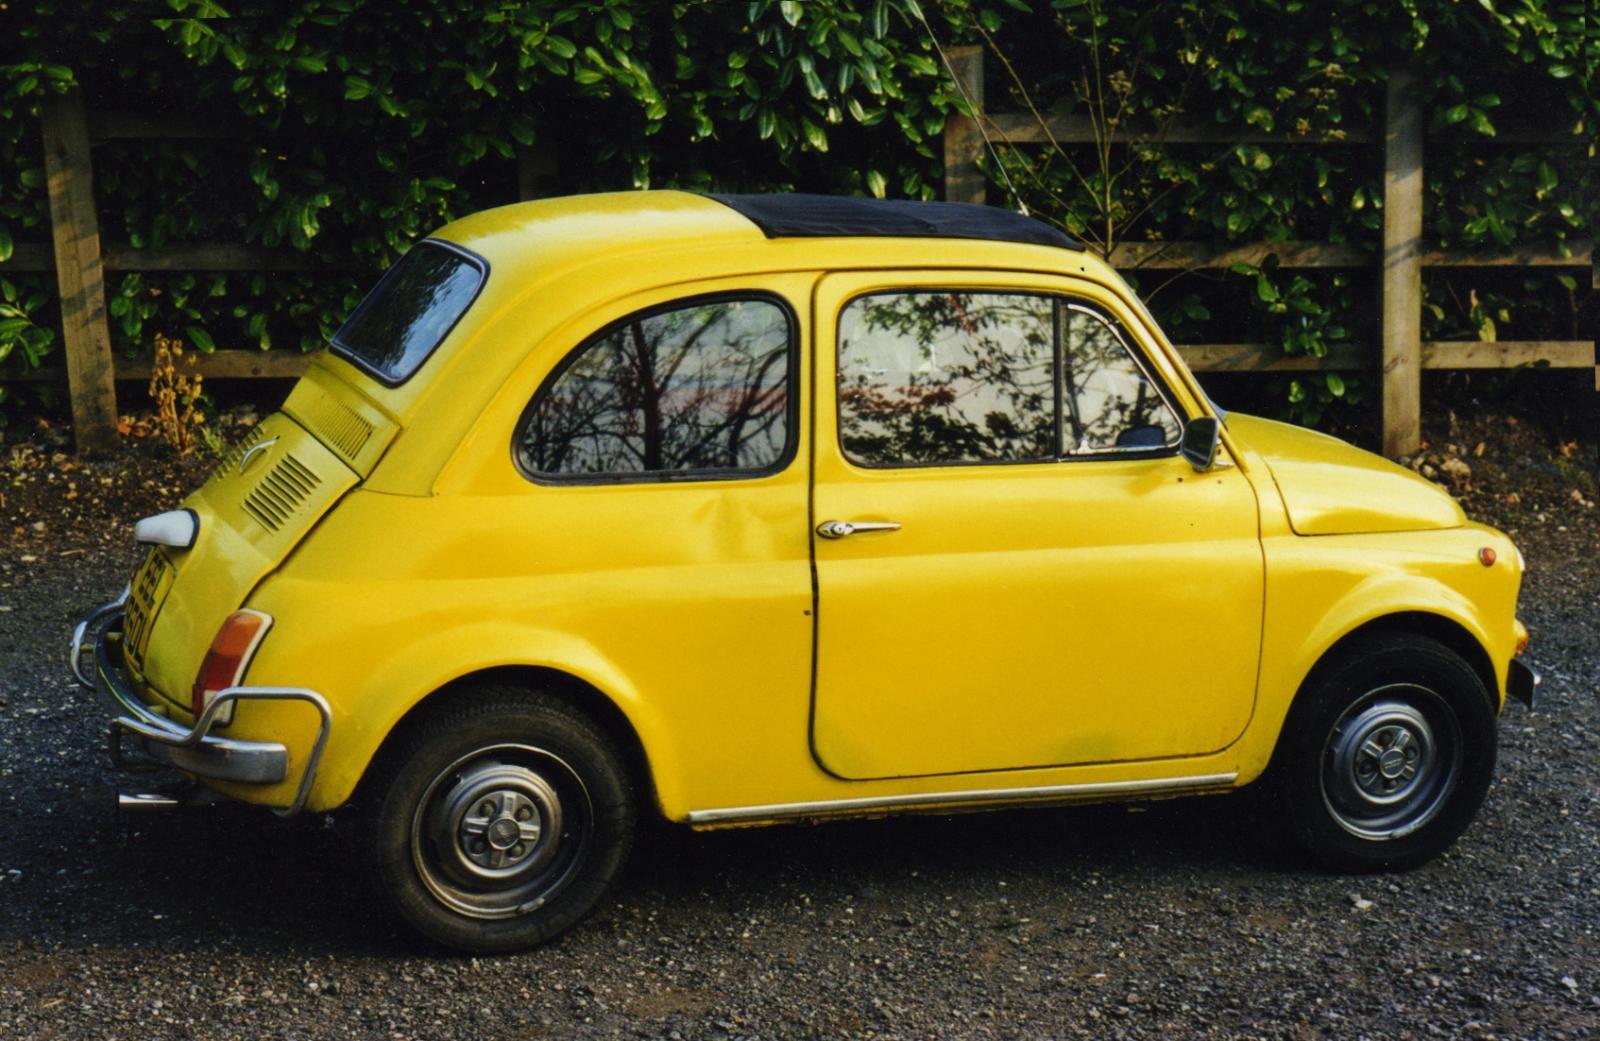 Fiat 500 EEL 950L side broad.v2 jpg.jpg